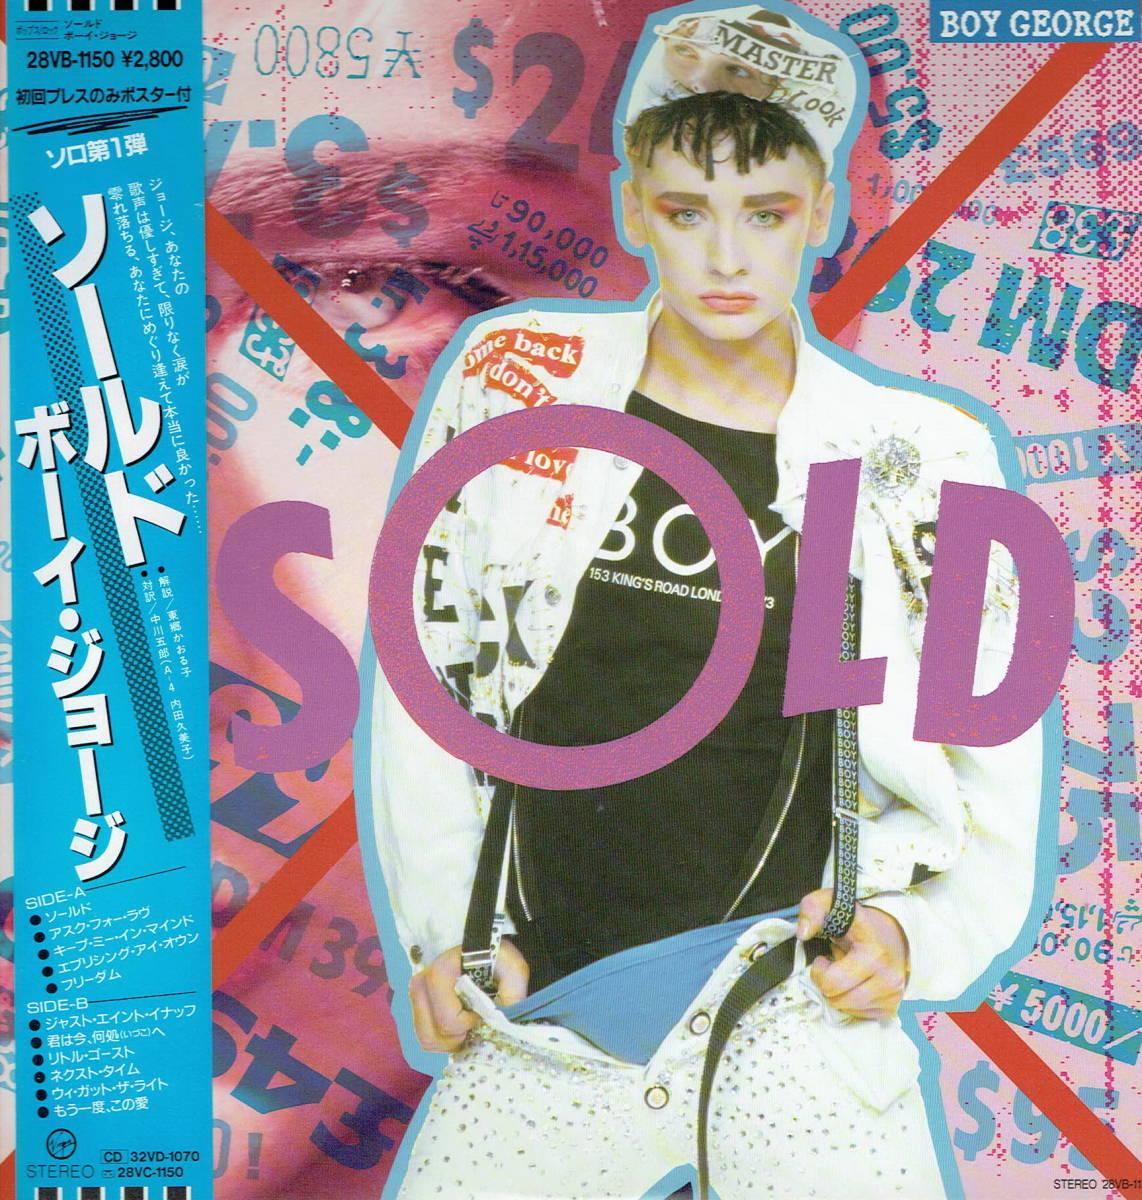 国内盤「ソールド~ボーイ・ジョージ」帯付き日本語ライナー付き、ポスター無し、盤傷無し美品_画像1